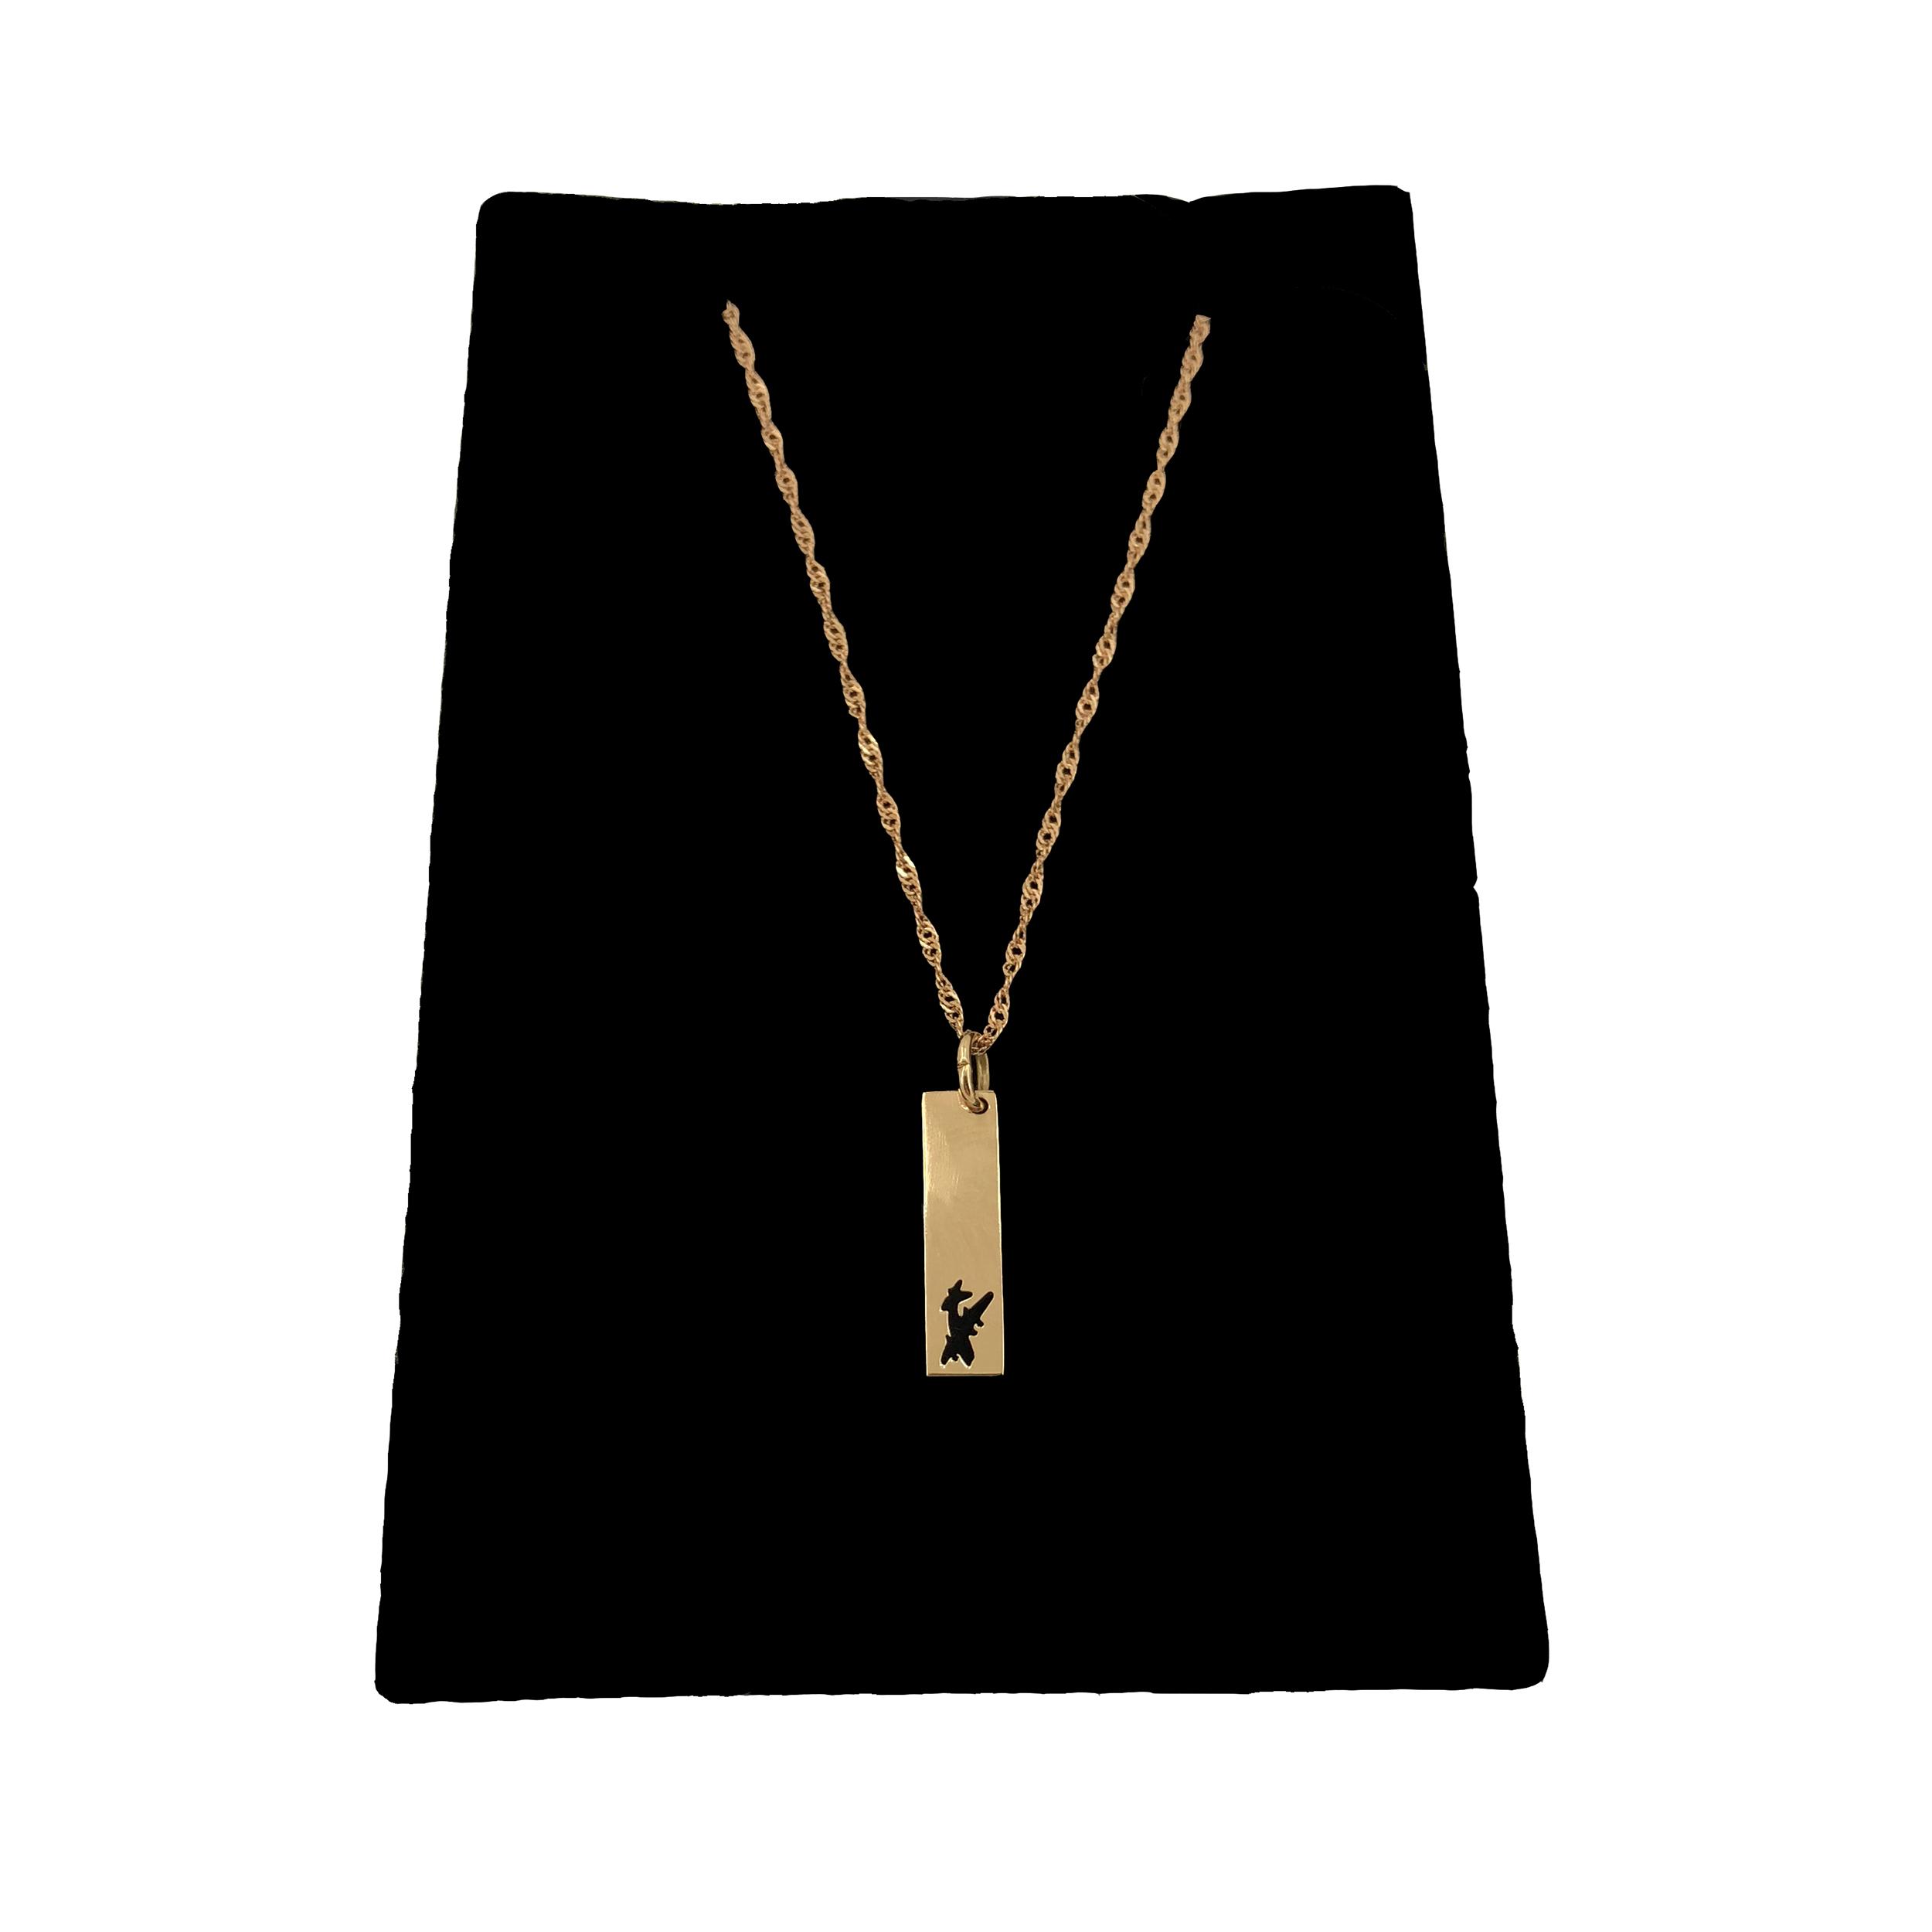 قیمت گردنبند طلا 18 عیار گیرا گالری مدل G101